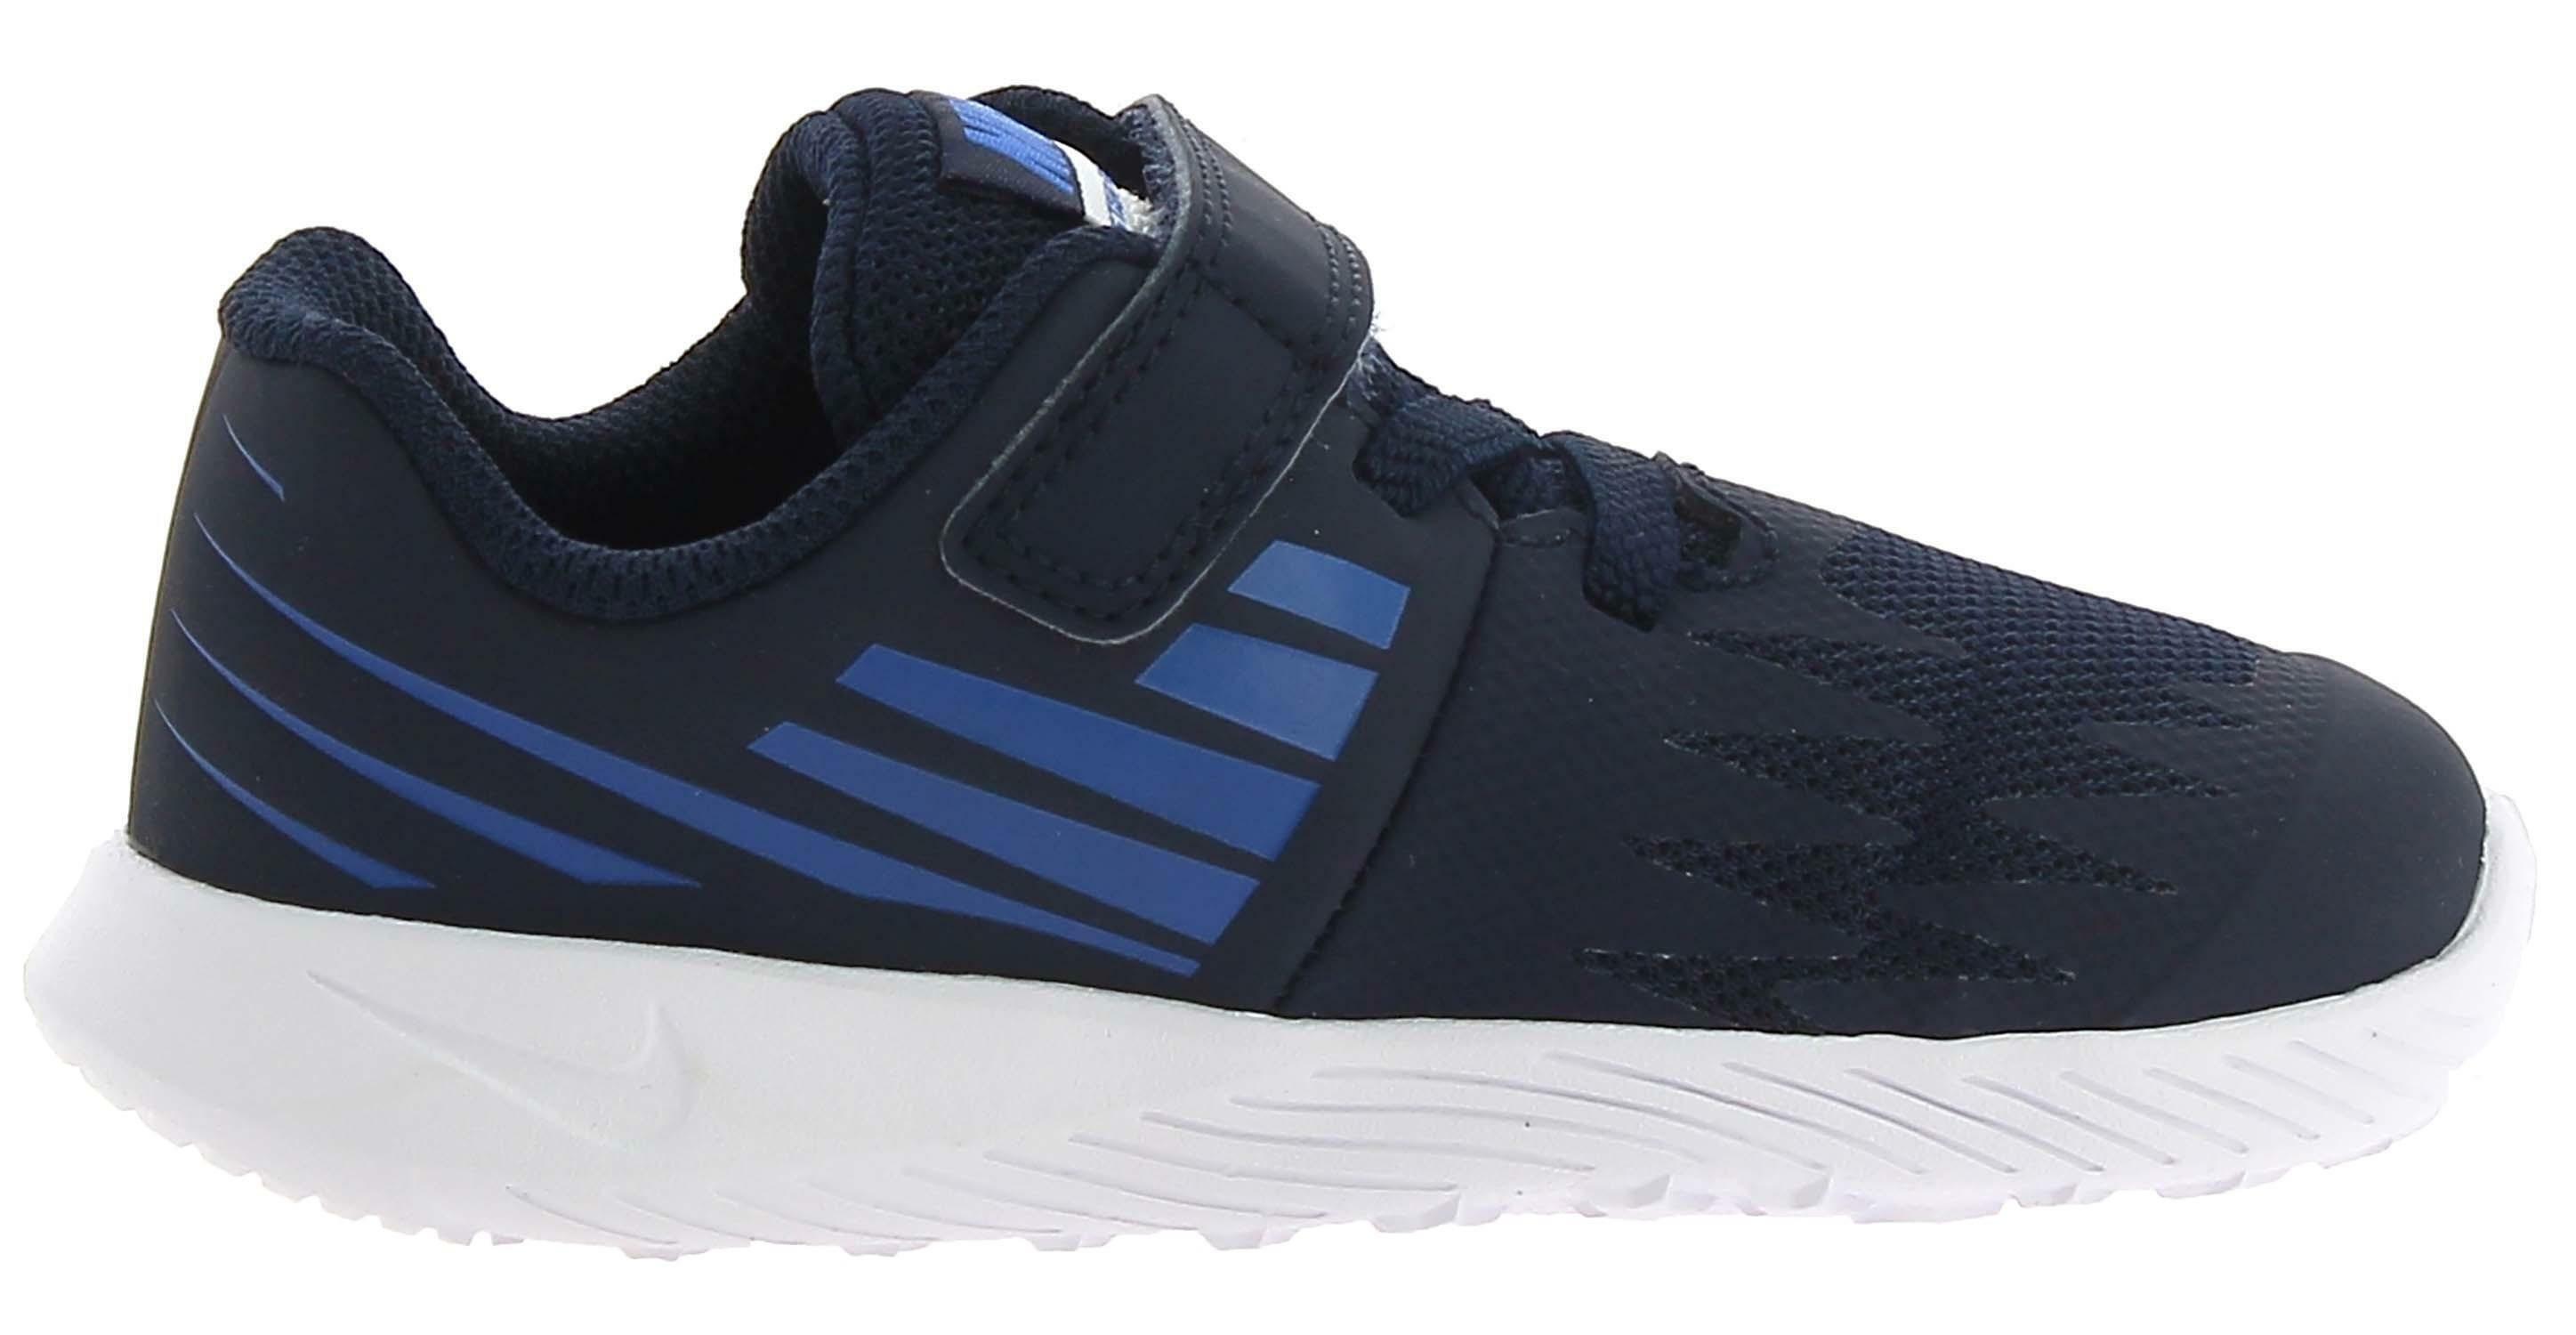 nike nike star runner tdv scarpe sportive bambino strappo blu 907255406